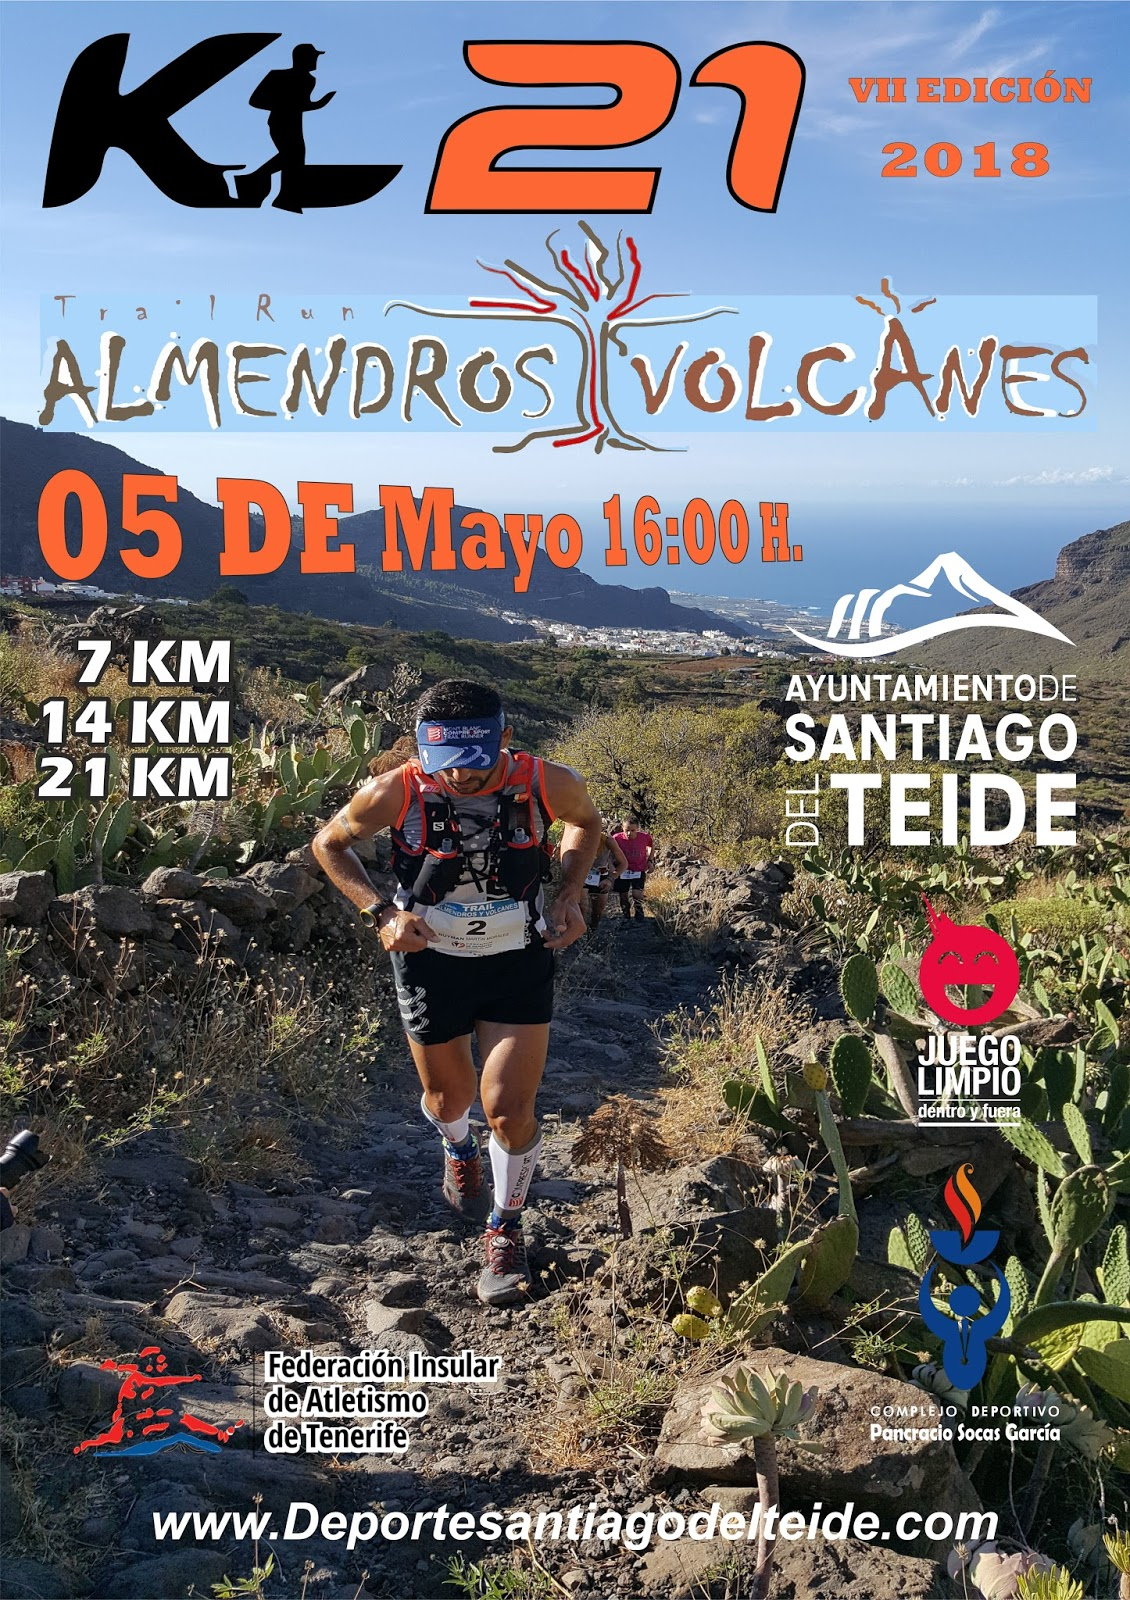 VII TRAIL ALMENDROS Y VOLCANES